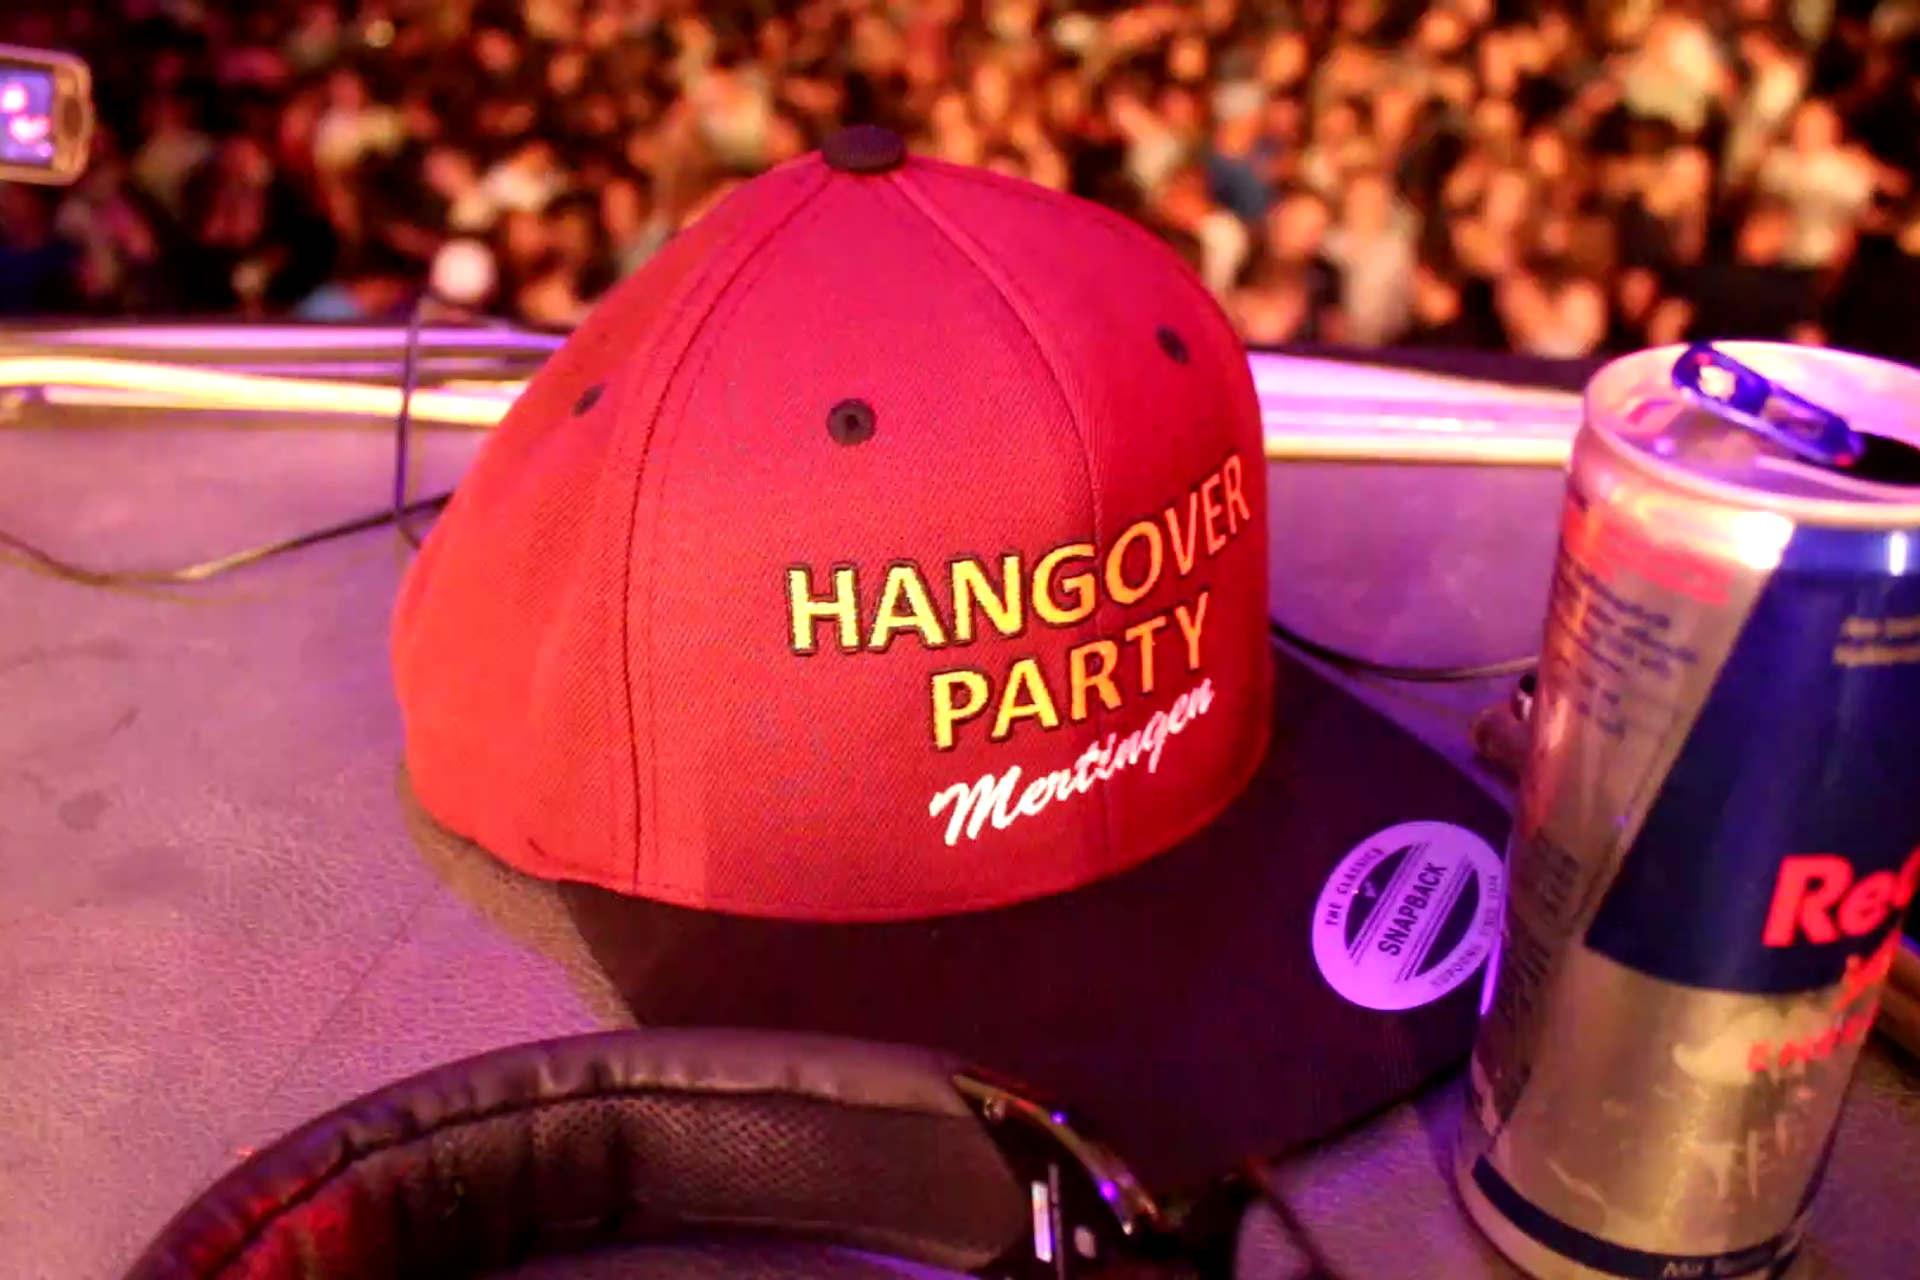 Hangoverparty Mertingen Cap